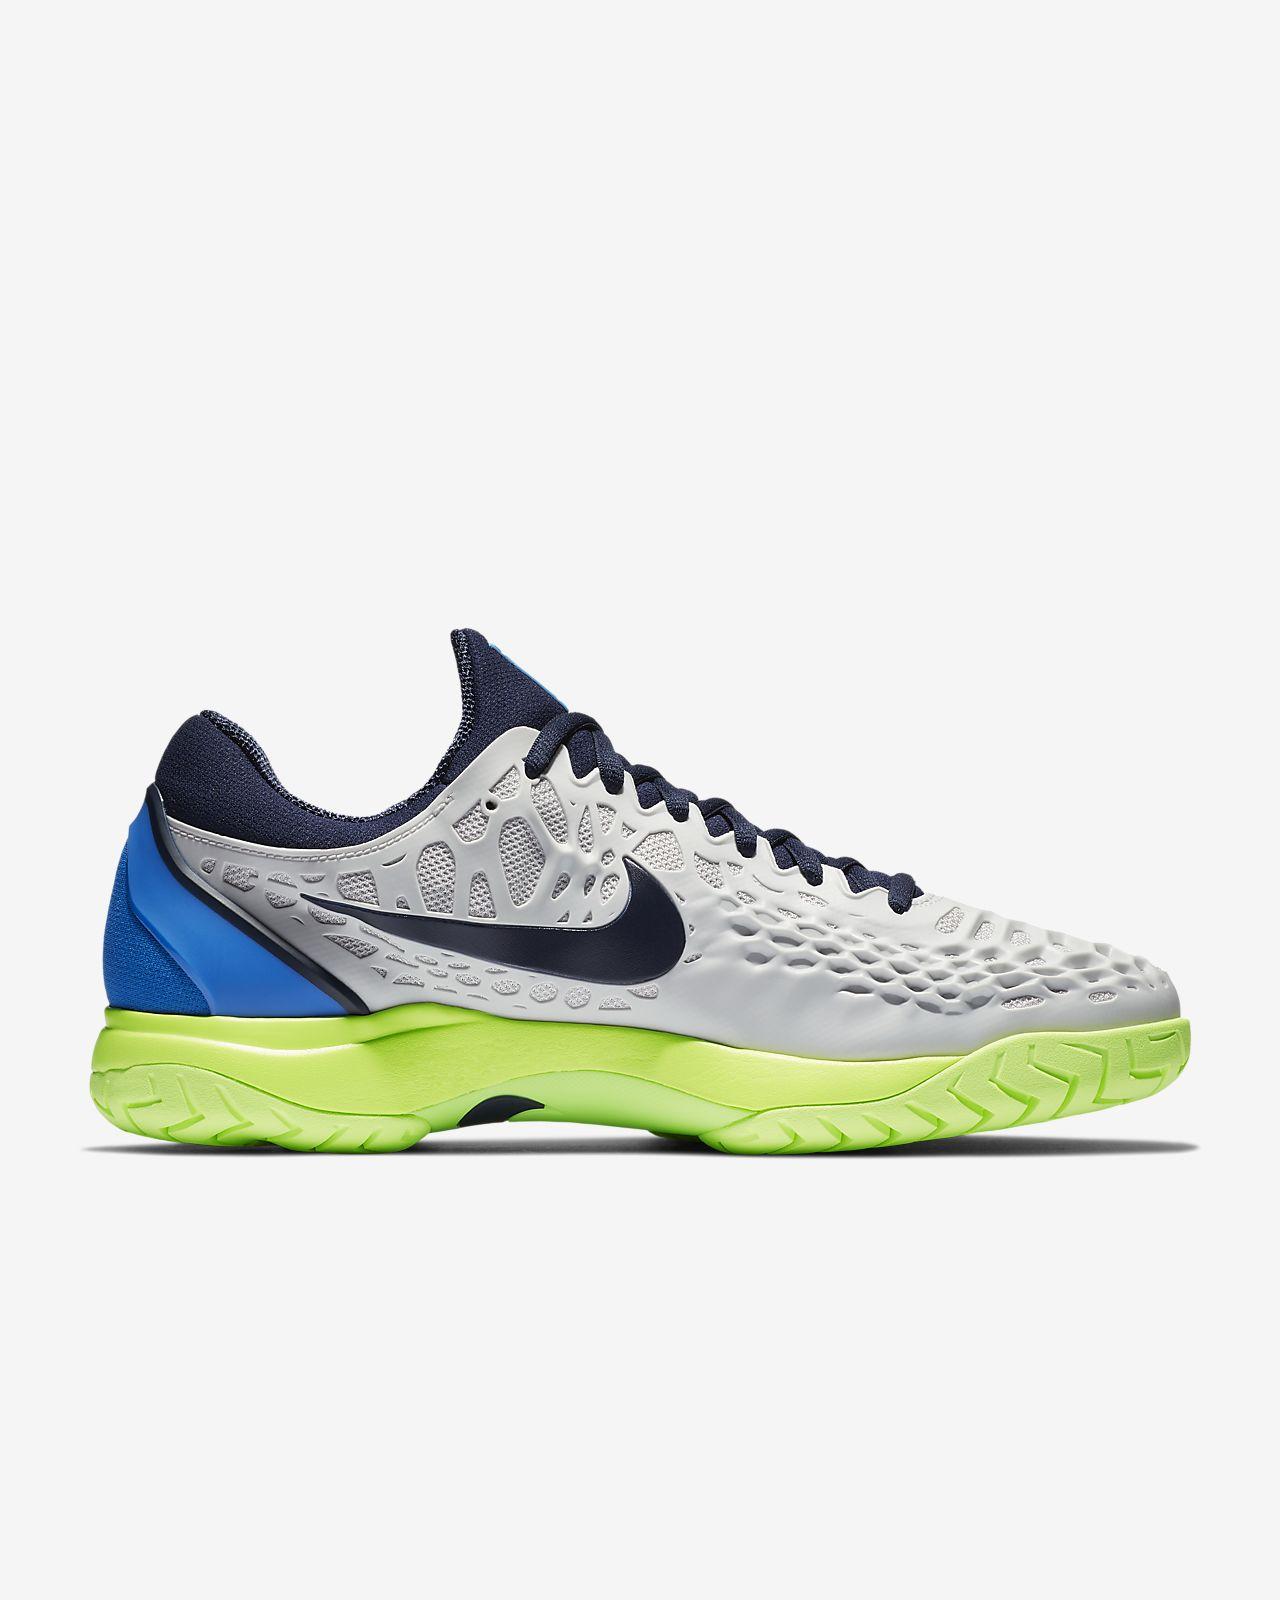 b959f1387990 NikeCourt Zoom Cage 3-hardcourt-tennissko til mænd. Nike.com DK